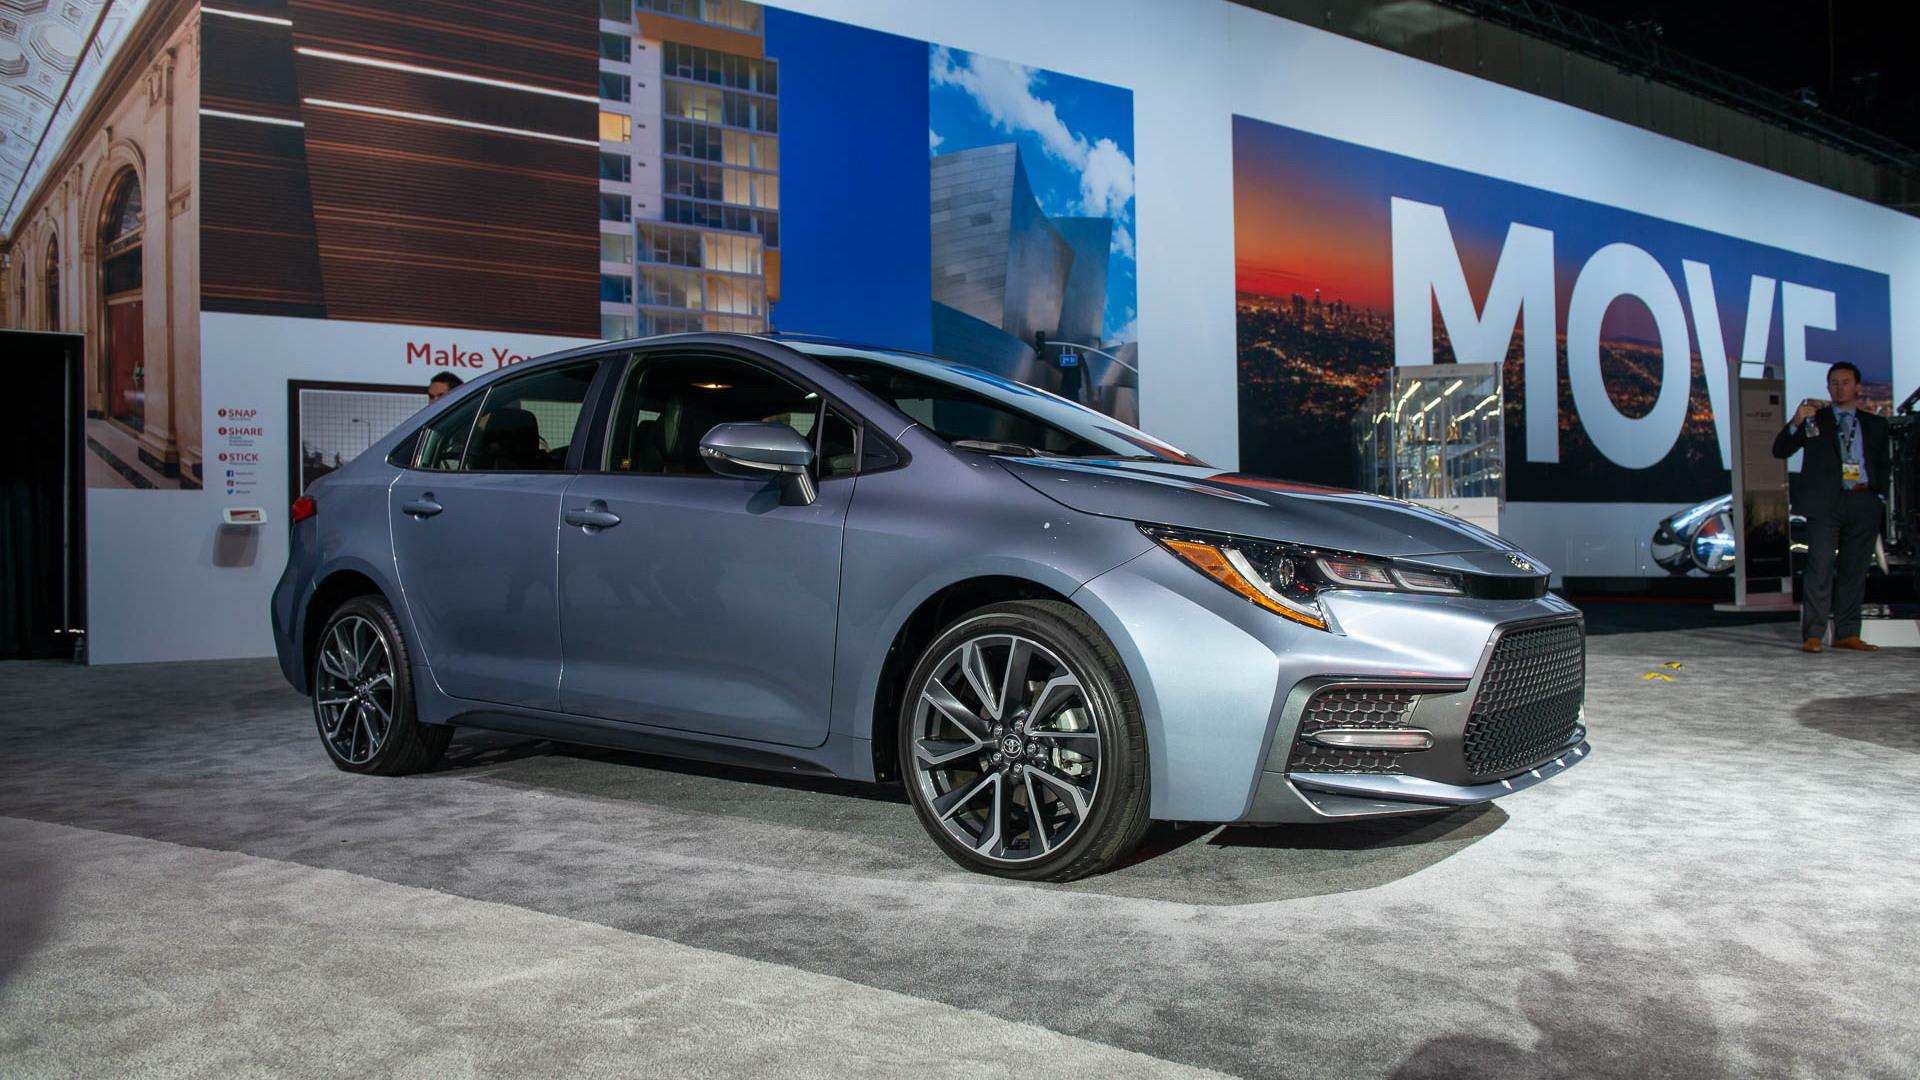 2020 Toyota Corolla, 2018 LA Auto Show